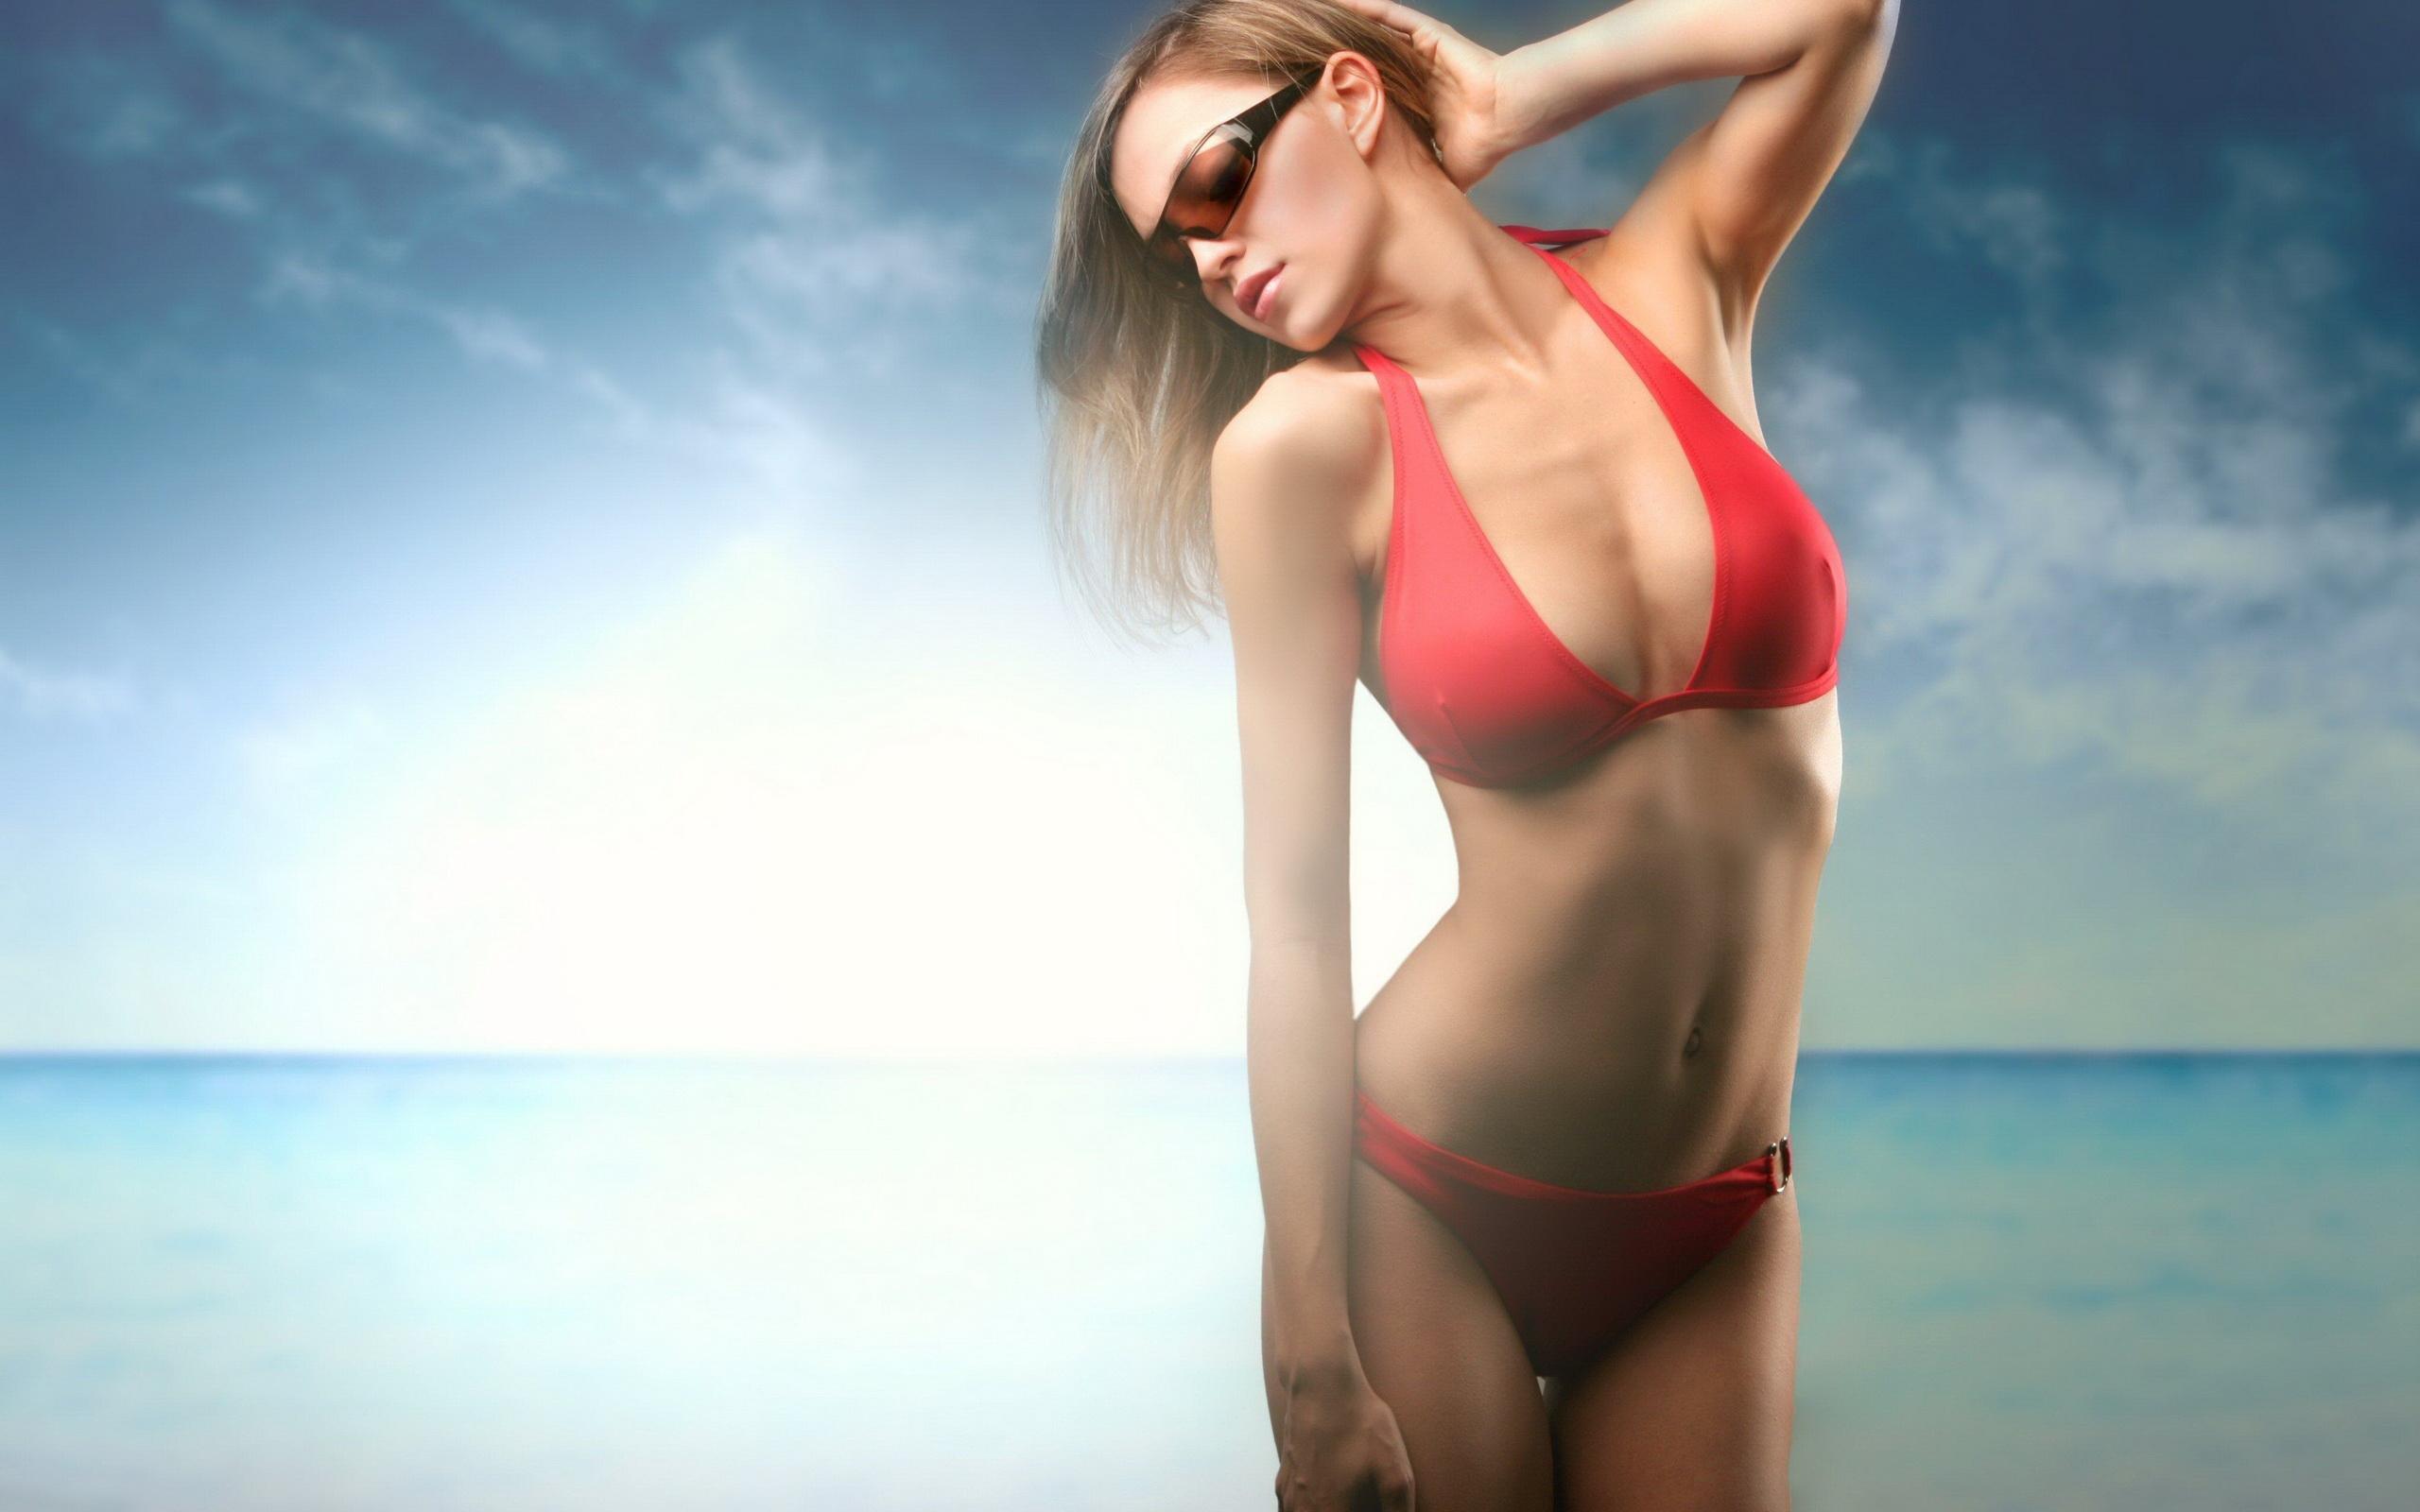 Красотки в красном купальнике